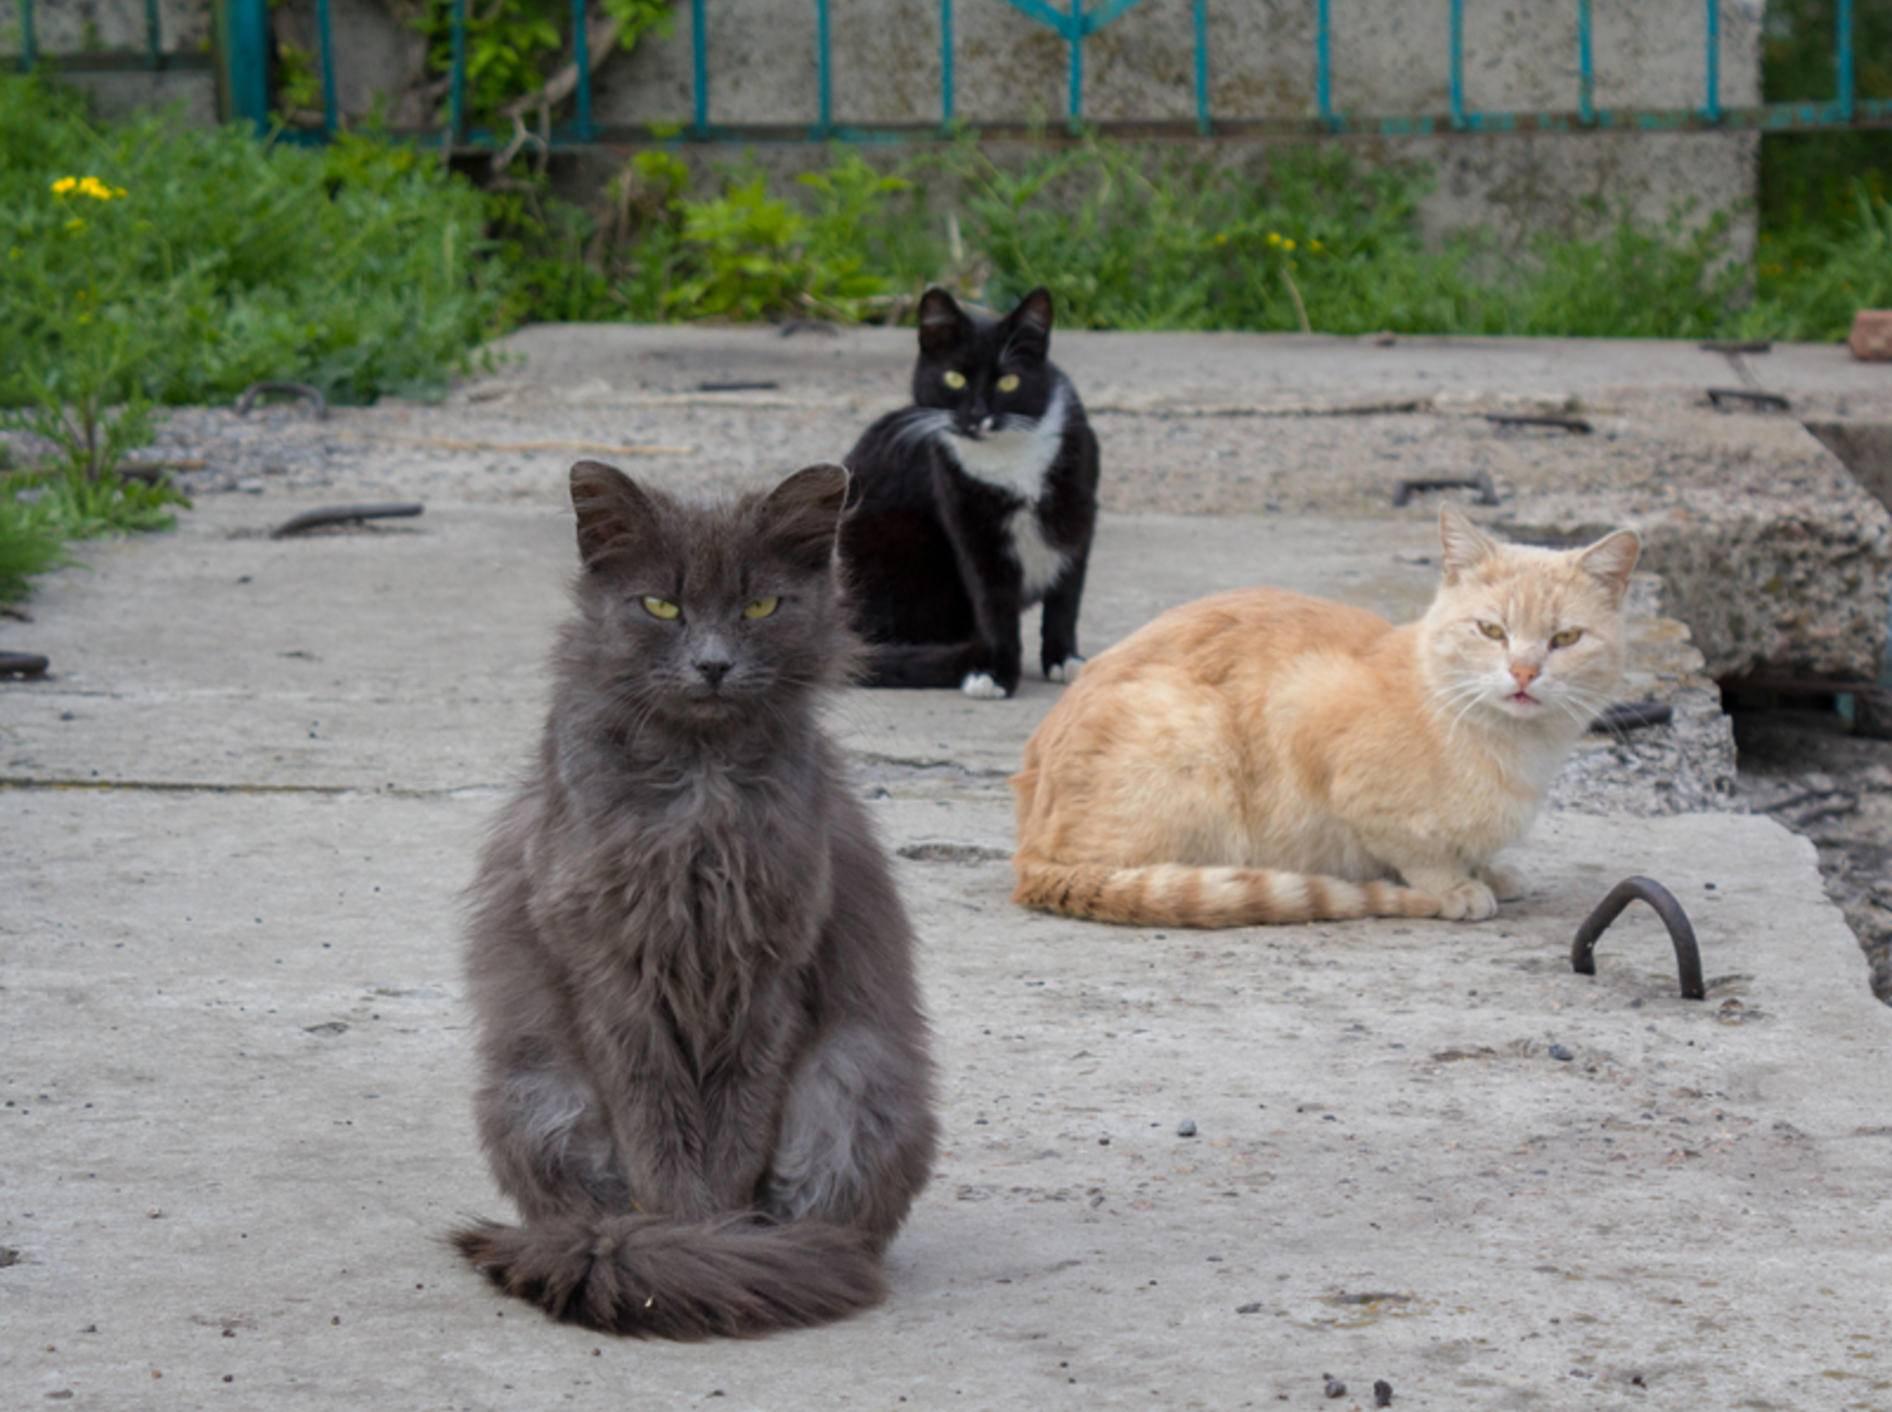 Wer ist hier der Boss? Die Hierarchie in Katzengruppen ist flexibel und ziemlich komplex – Shutterstock / DmyTo